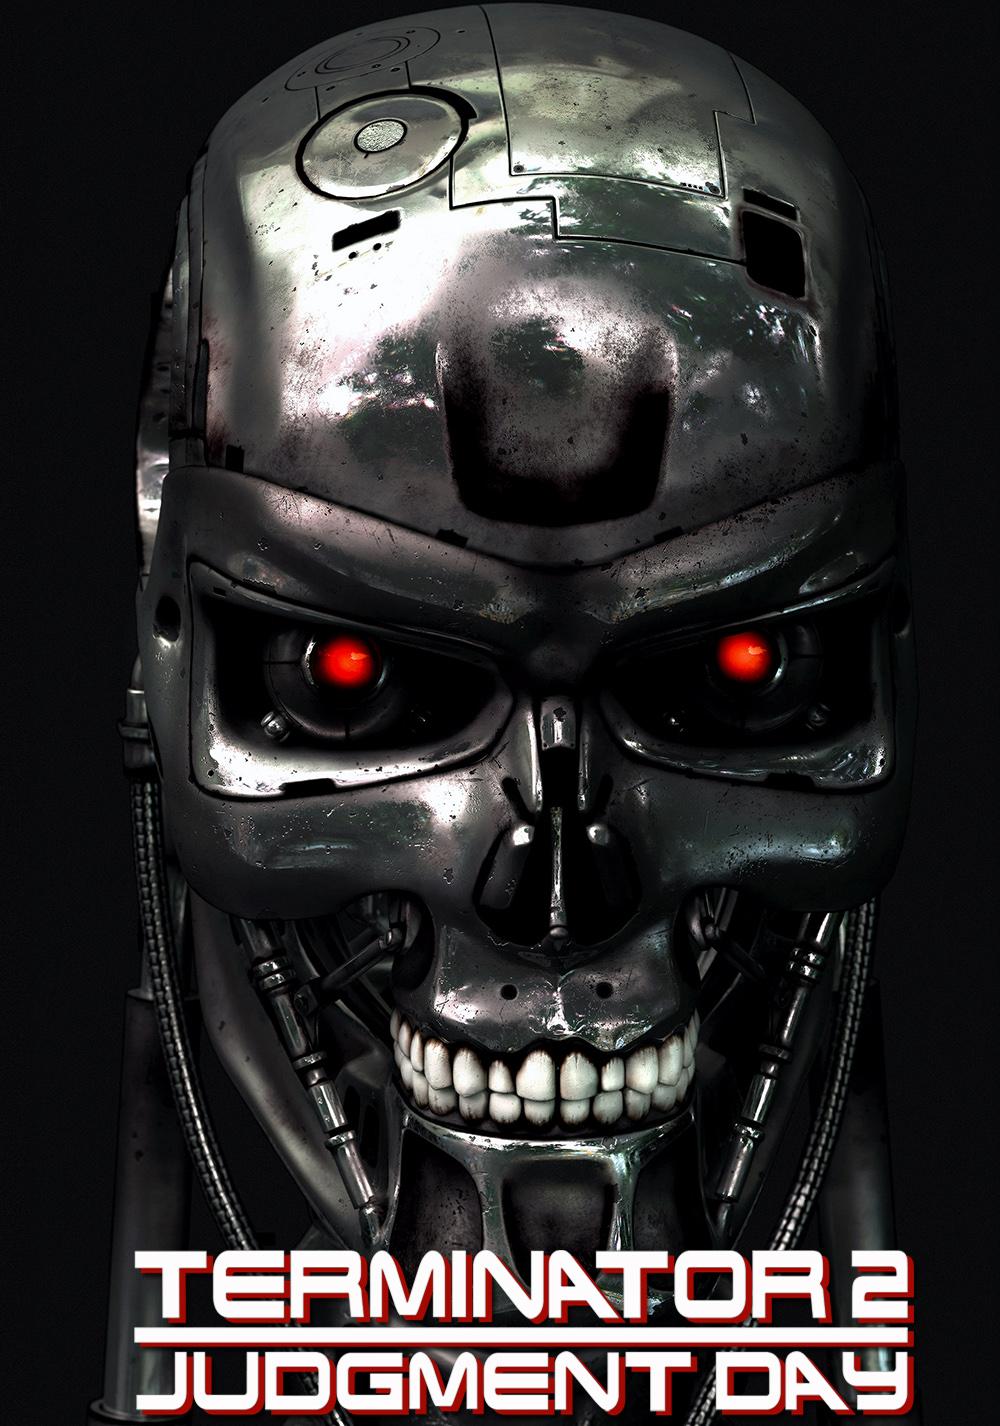 Terminator 2 Online Movie